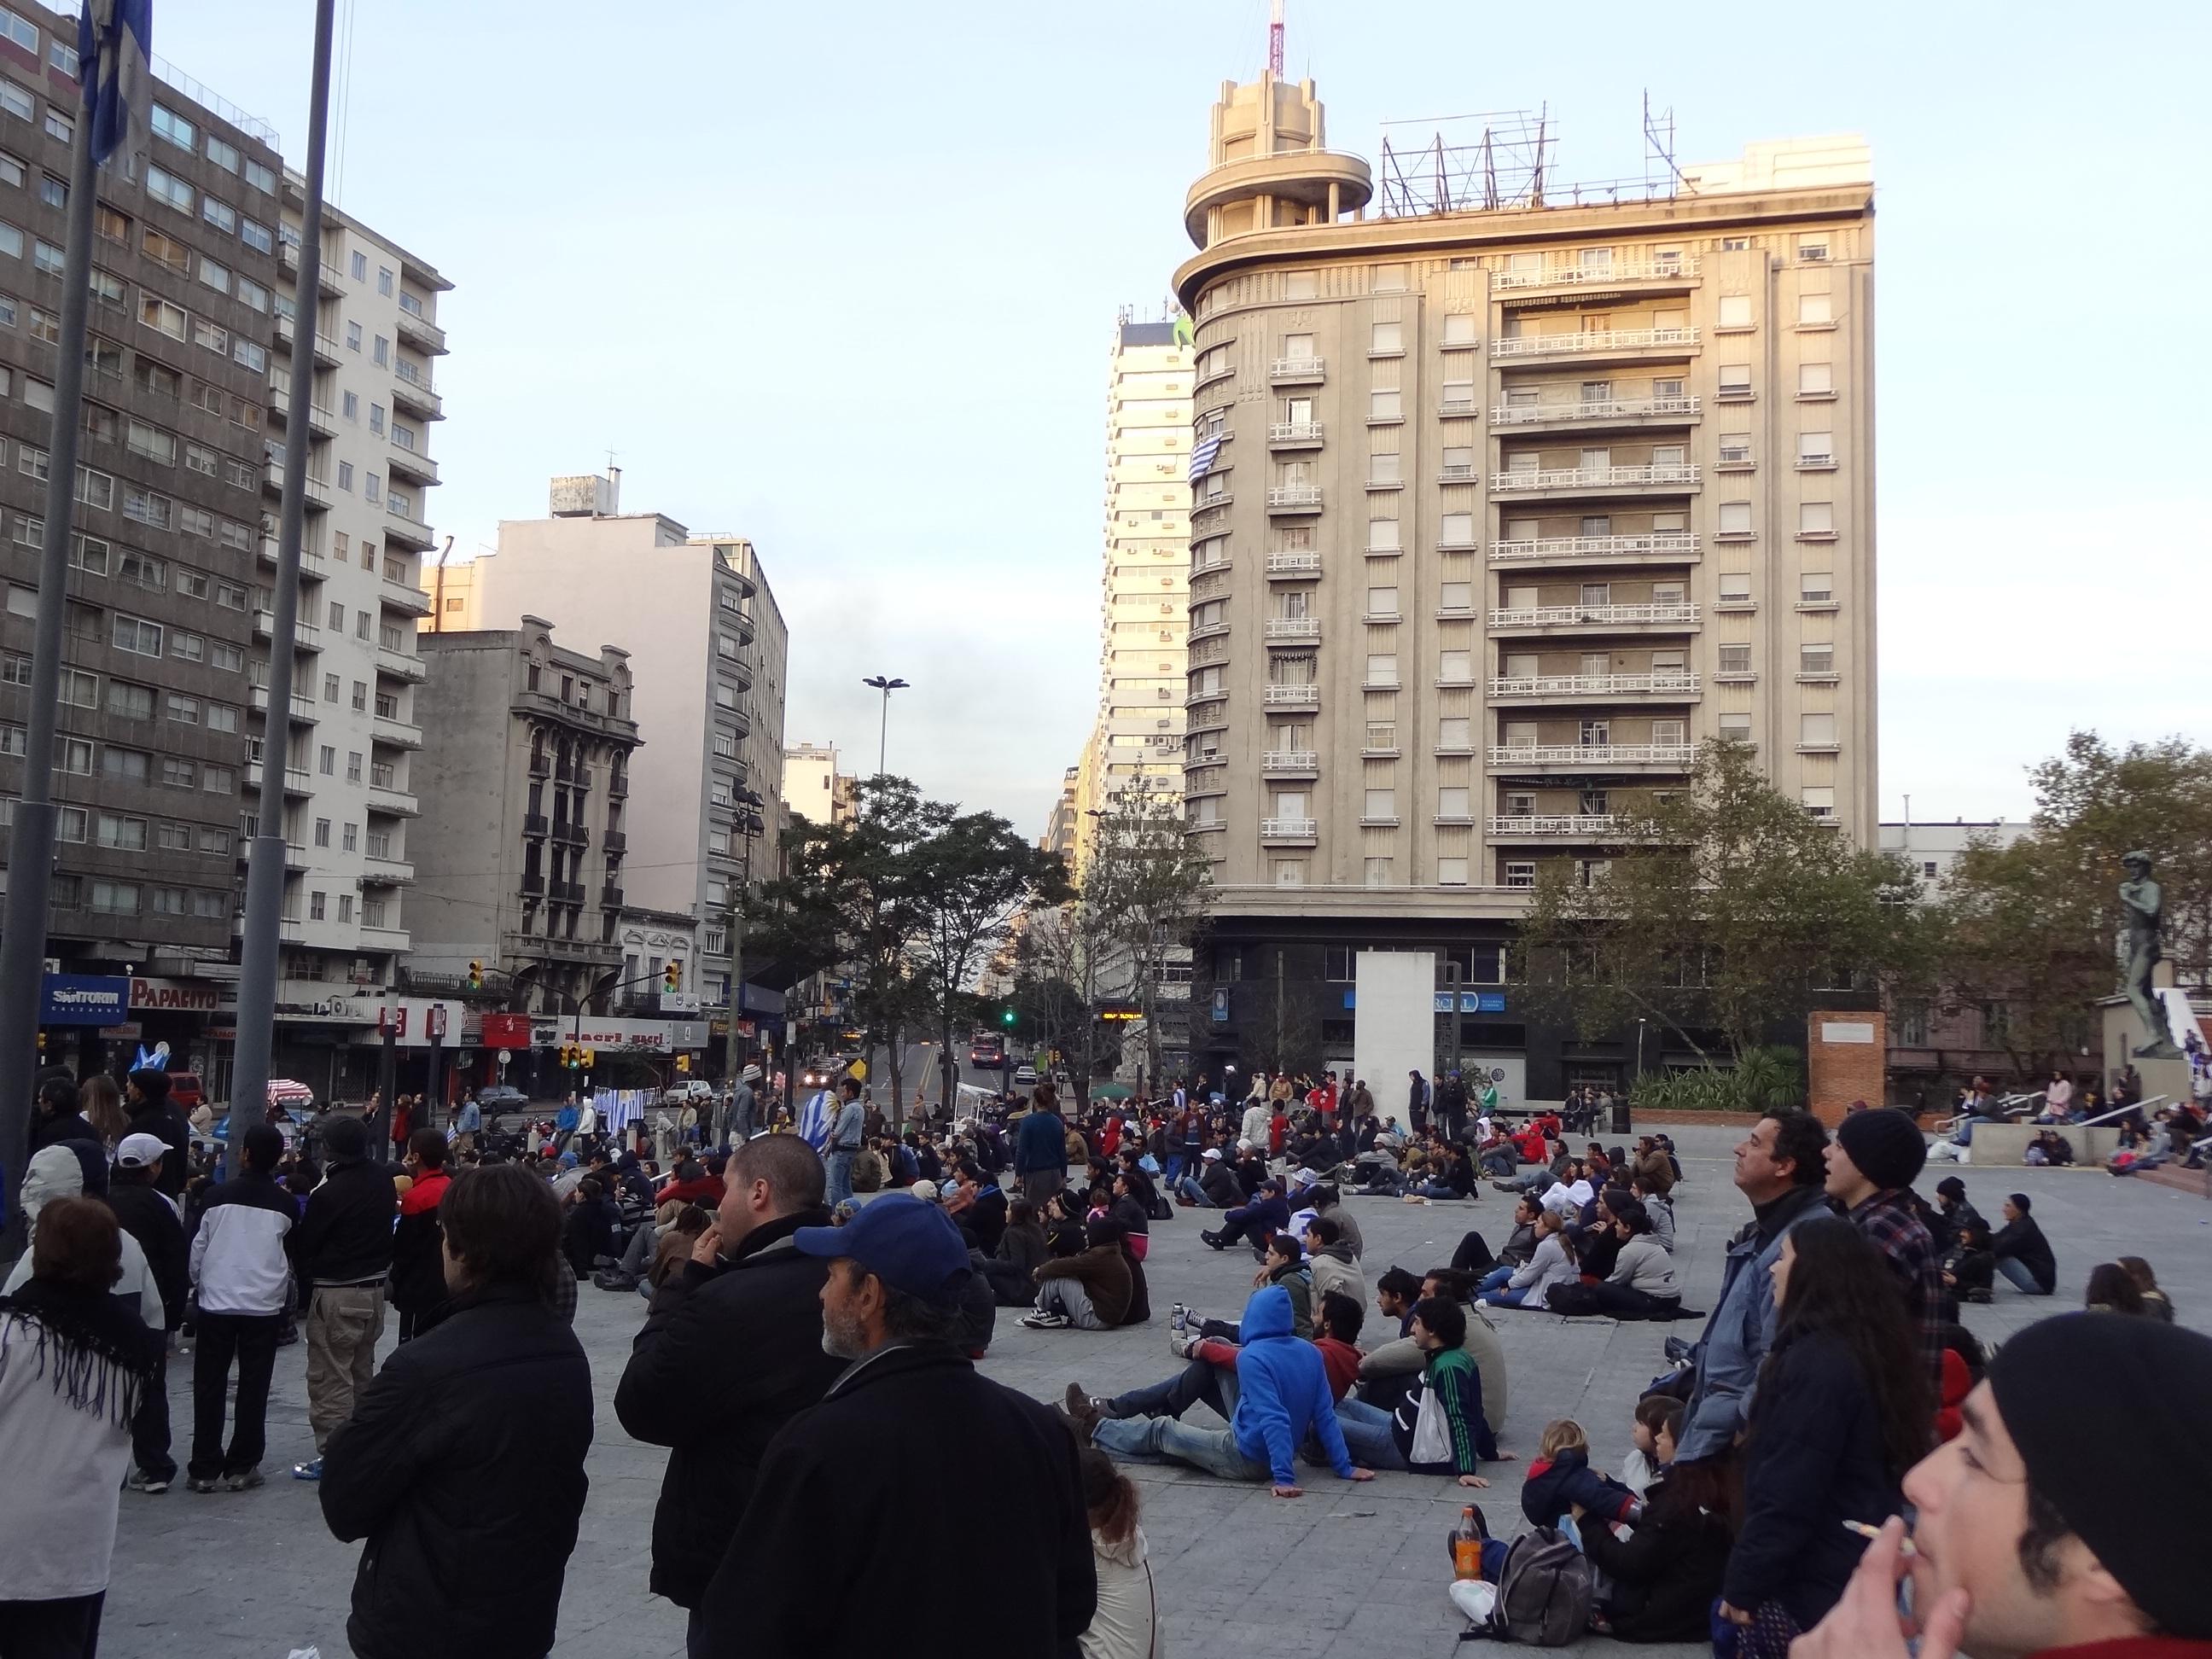 Uruguai-Montevideu-Roteiro-Turismo-Futebol Montevidéu - Conheça a Capital do Uruguai